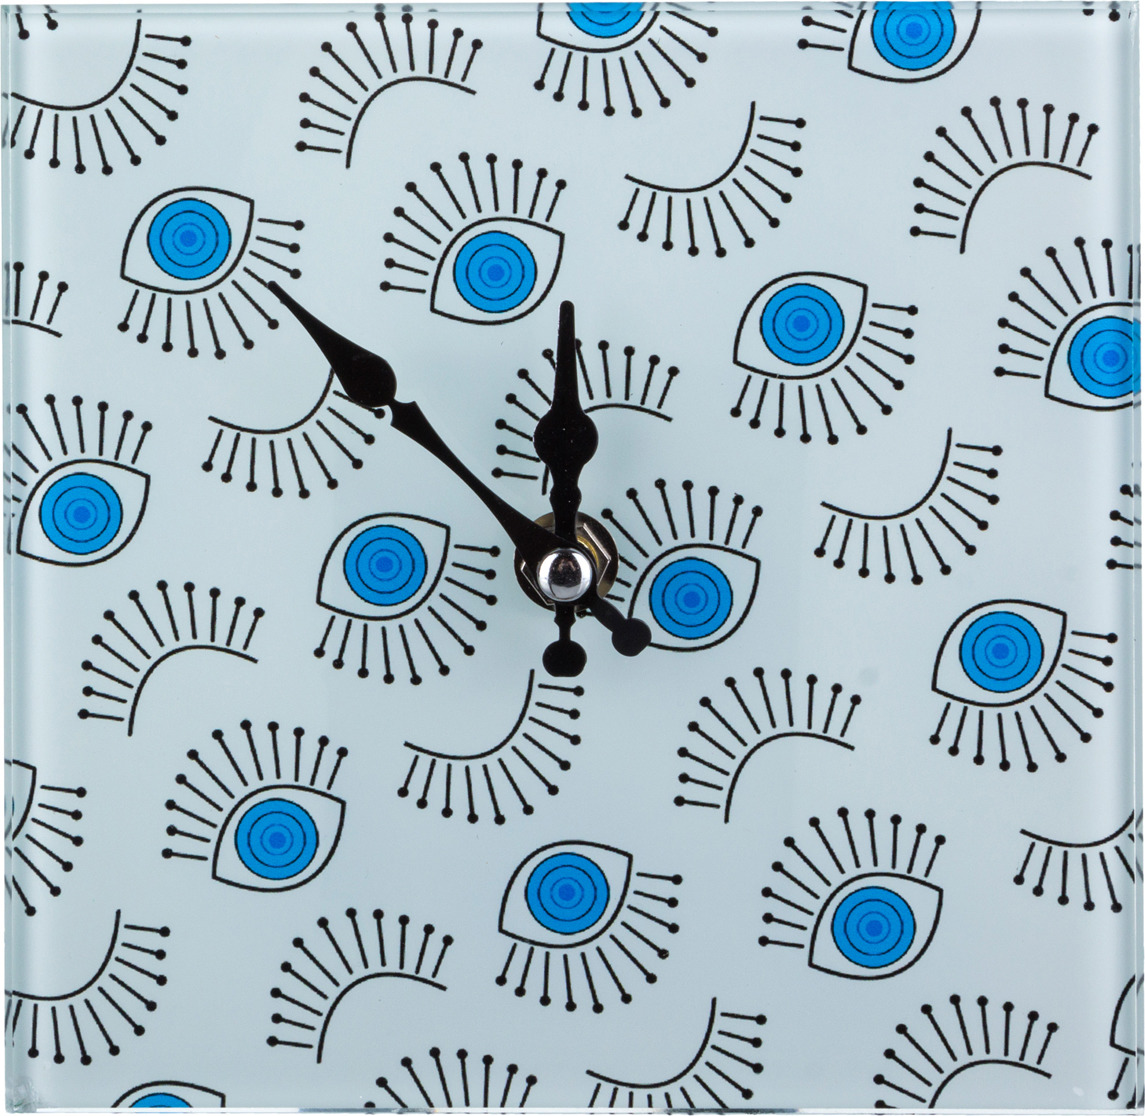 Настольные часы Lefard, 44-219, электронные, разноцветный, 15 х 15 см